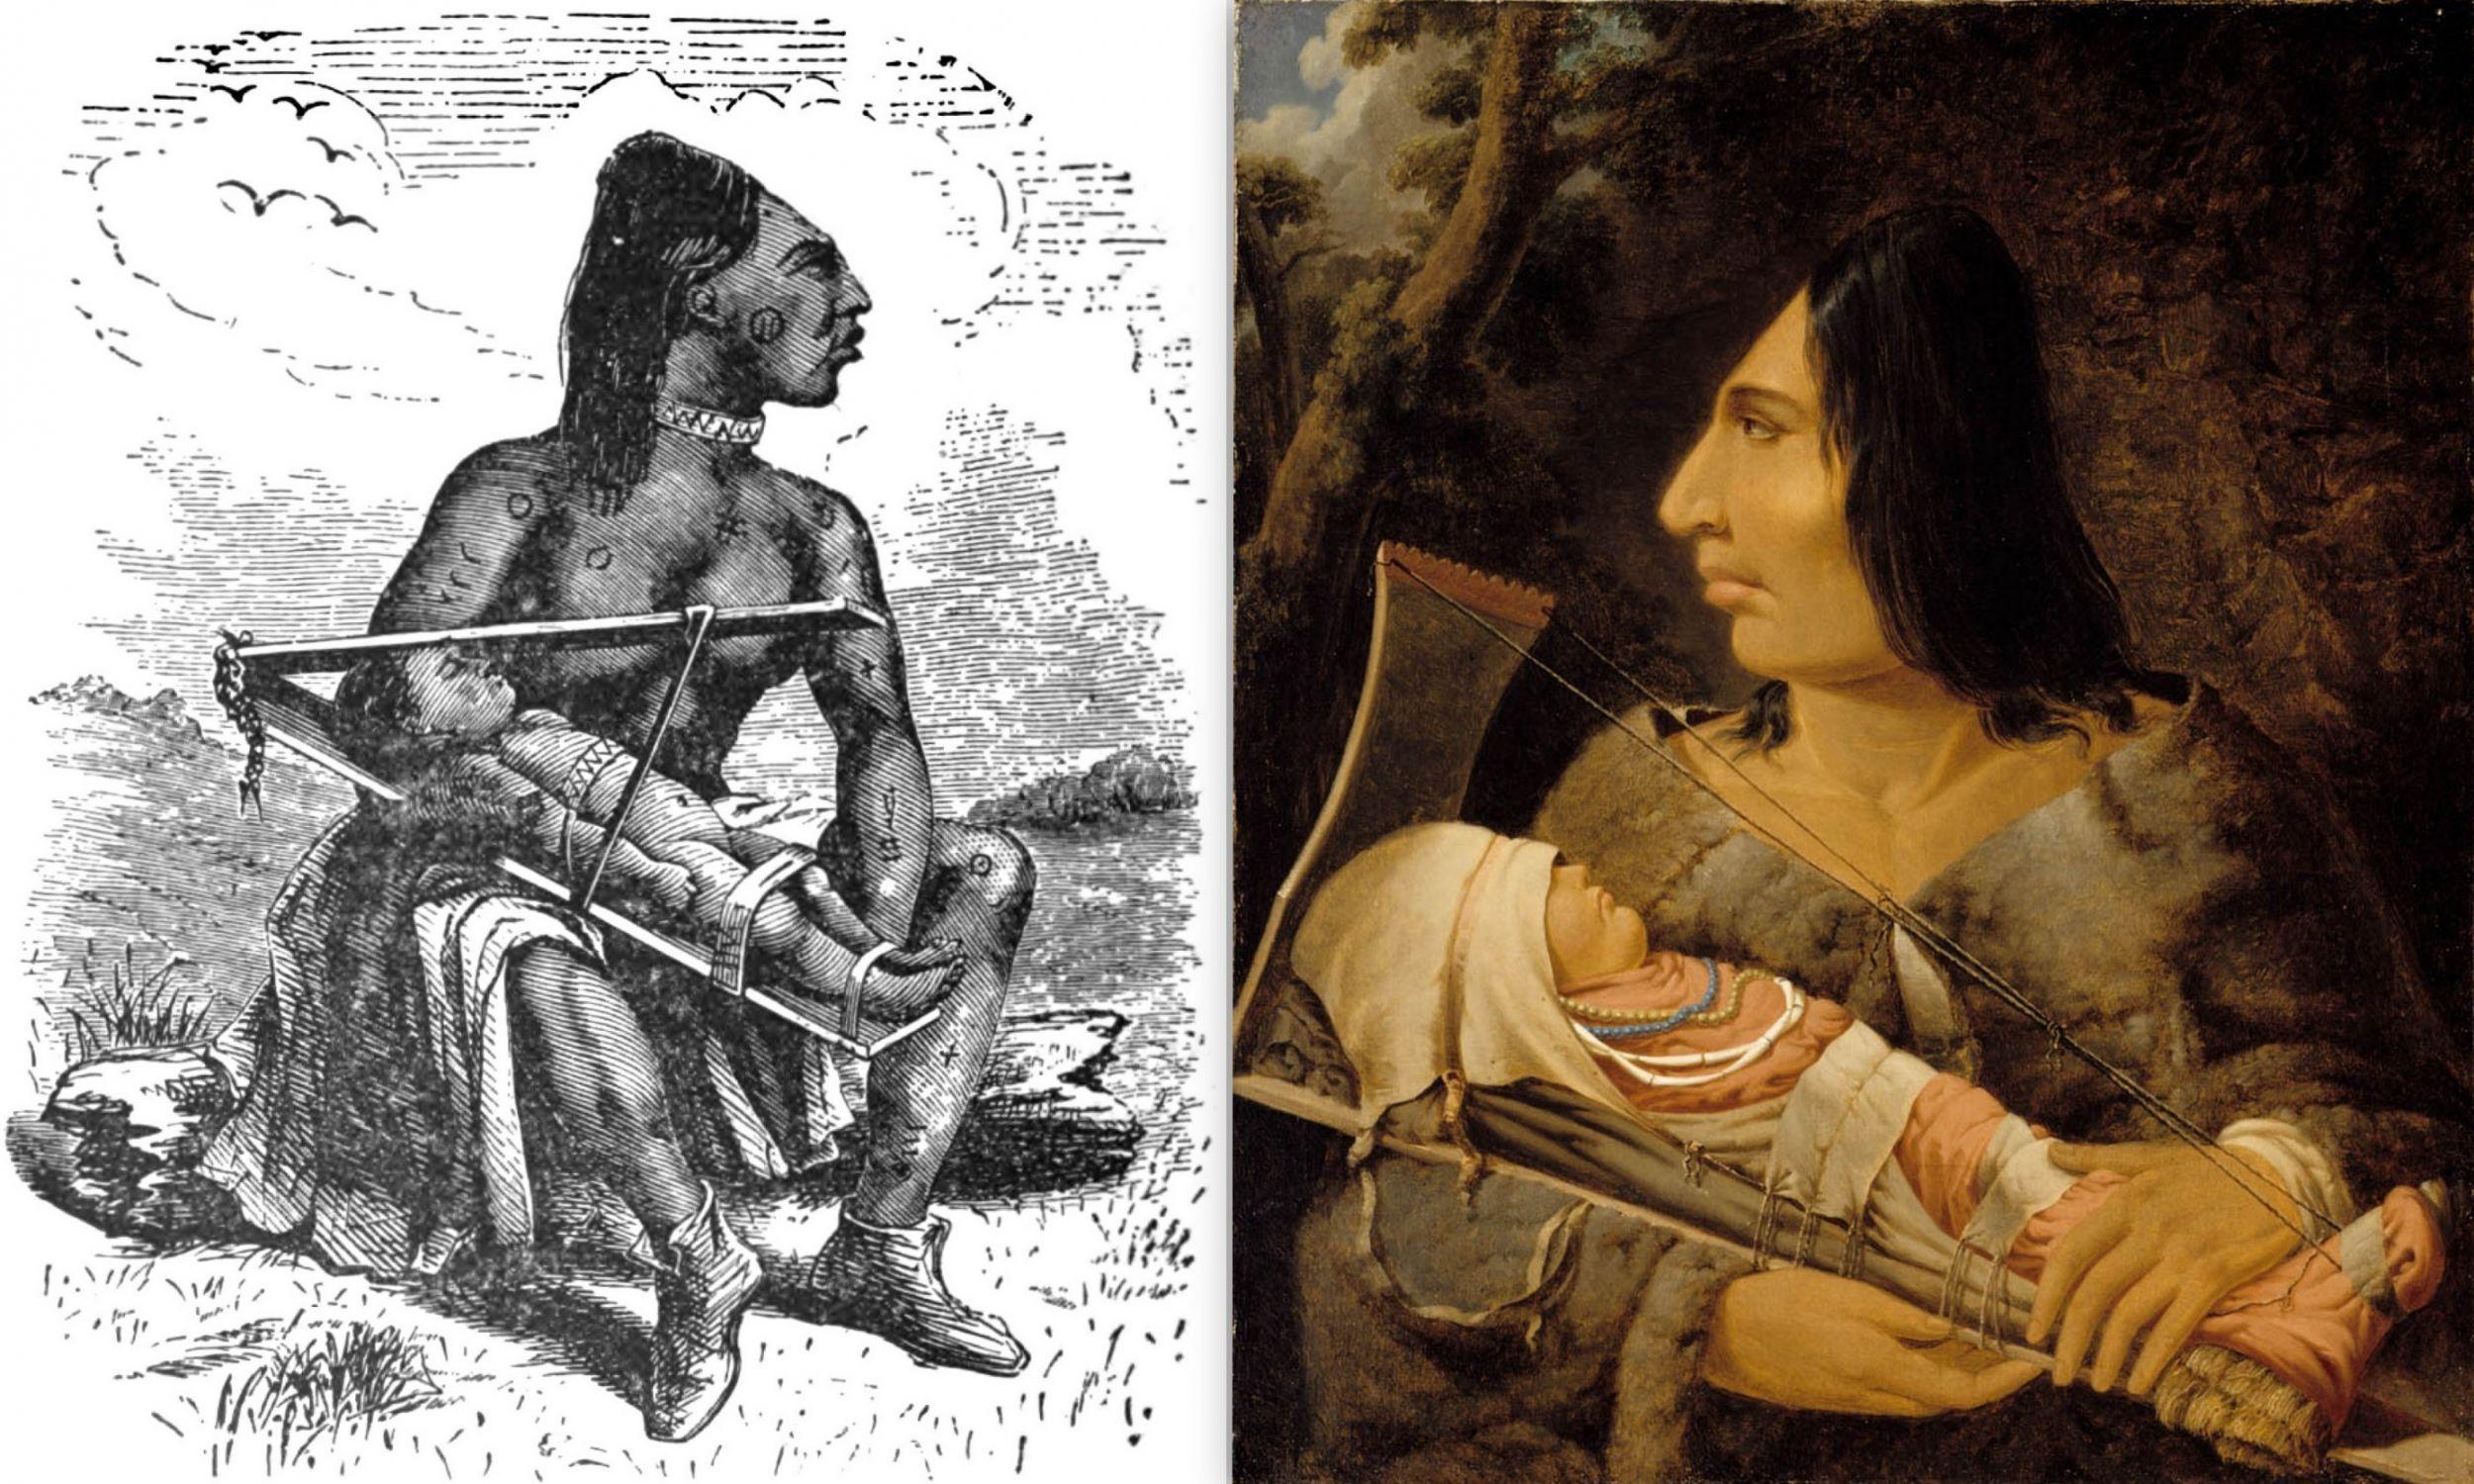 """Od lewej: ilustracja z książki """"Dwadzieścia lat przed masztem"""" Charlesa Erskine'a. Obraz Paula Kane'a  (1810–1871) """"Płaskogłowa kobieta z dzieckiem"""", ok. 1848 roku – Montreal Museum of Fine Arts . Fot. Wikimedia"""